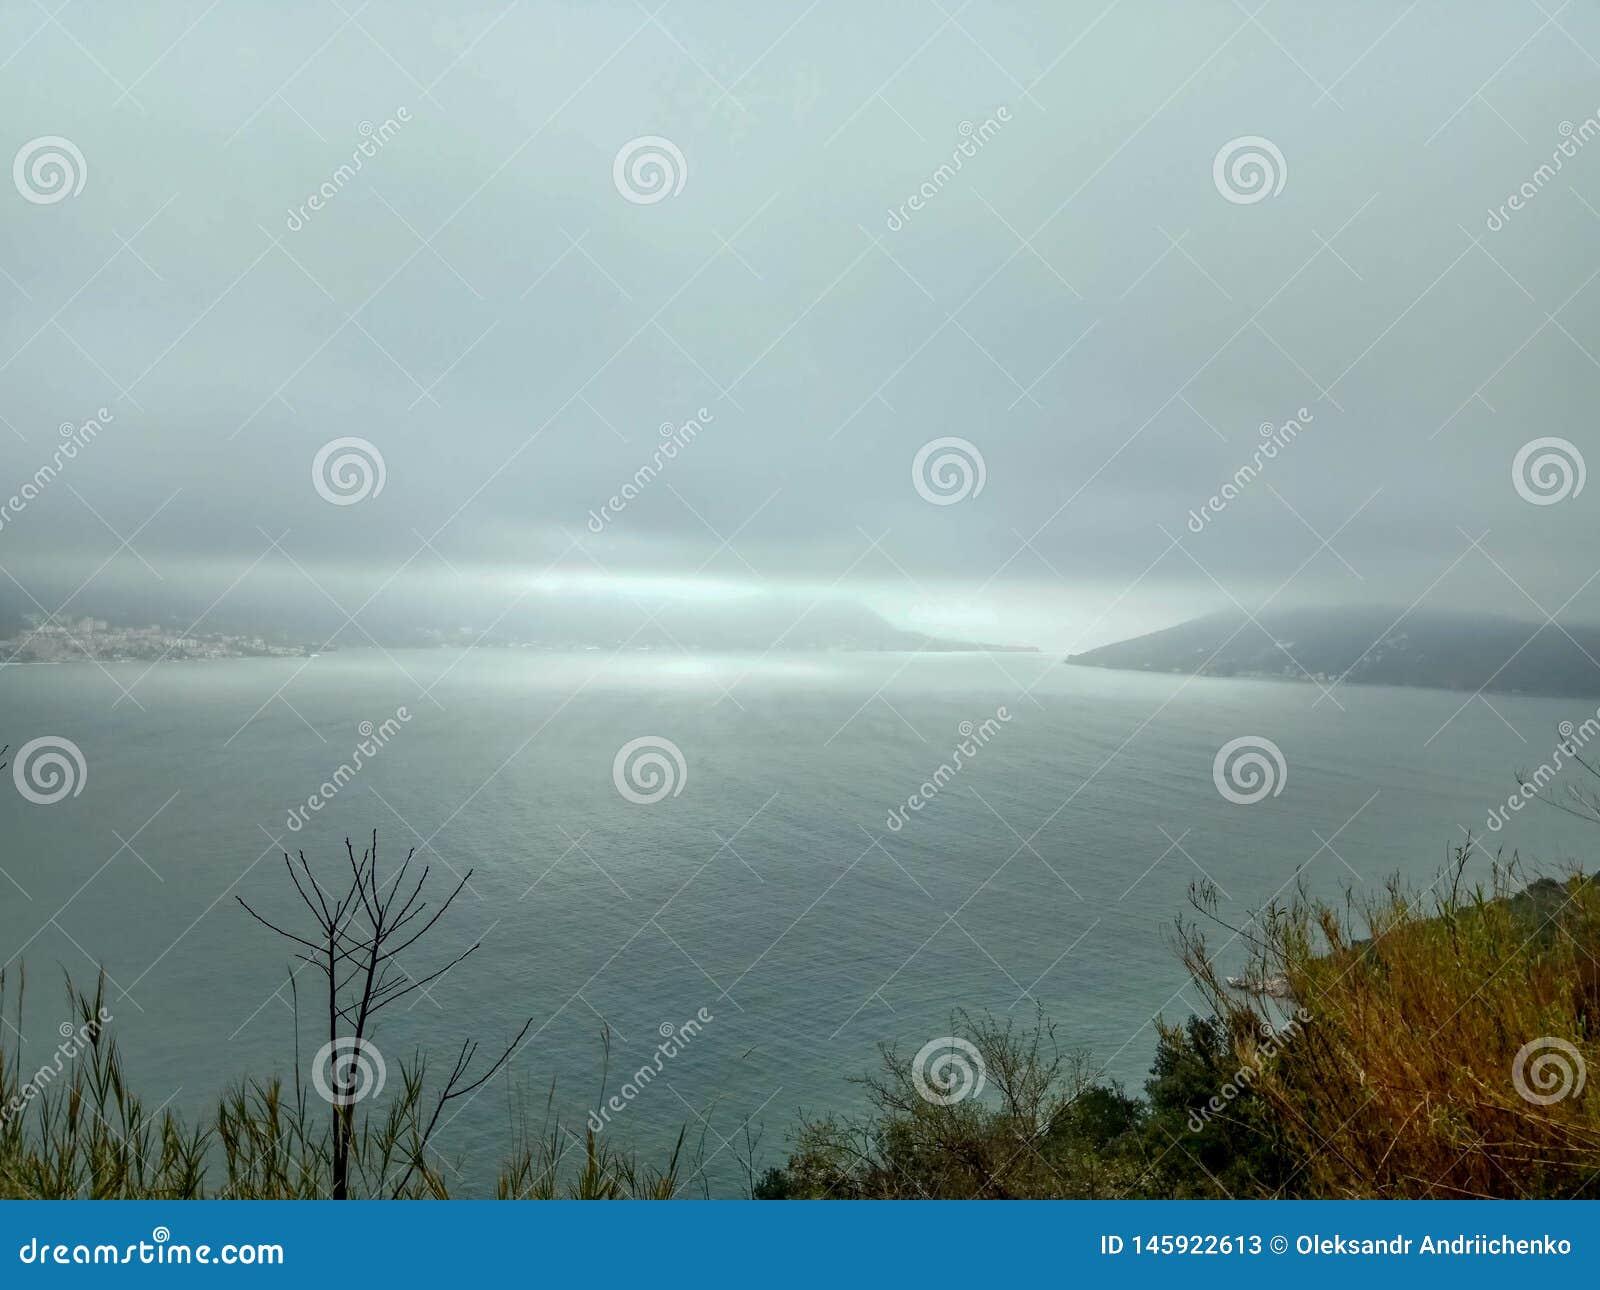 Vista sul mare del tempo - il maltempo arriva a fiumi sul mare, con le onde e le nuvole scure